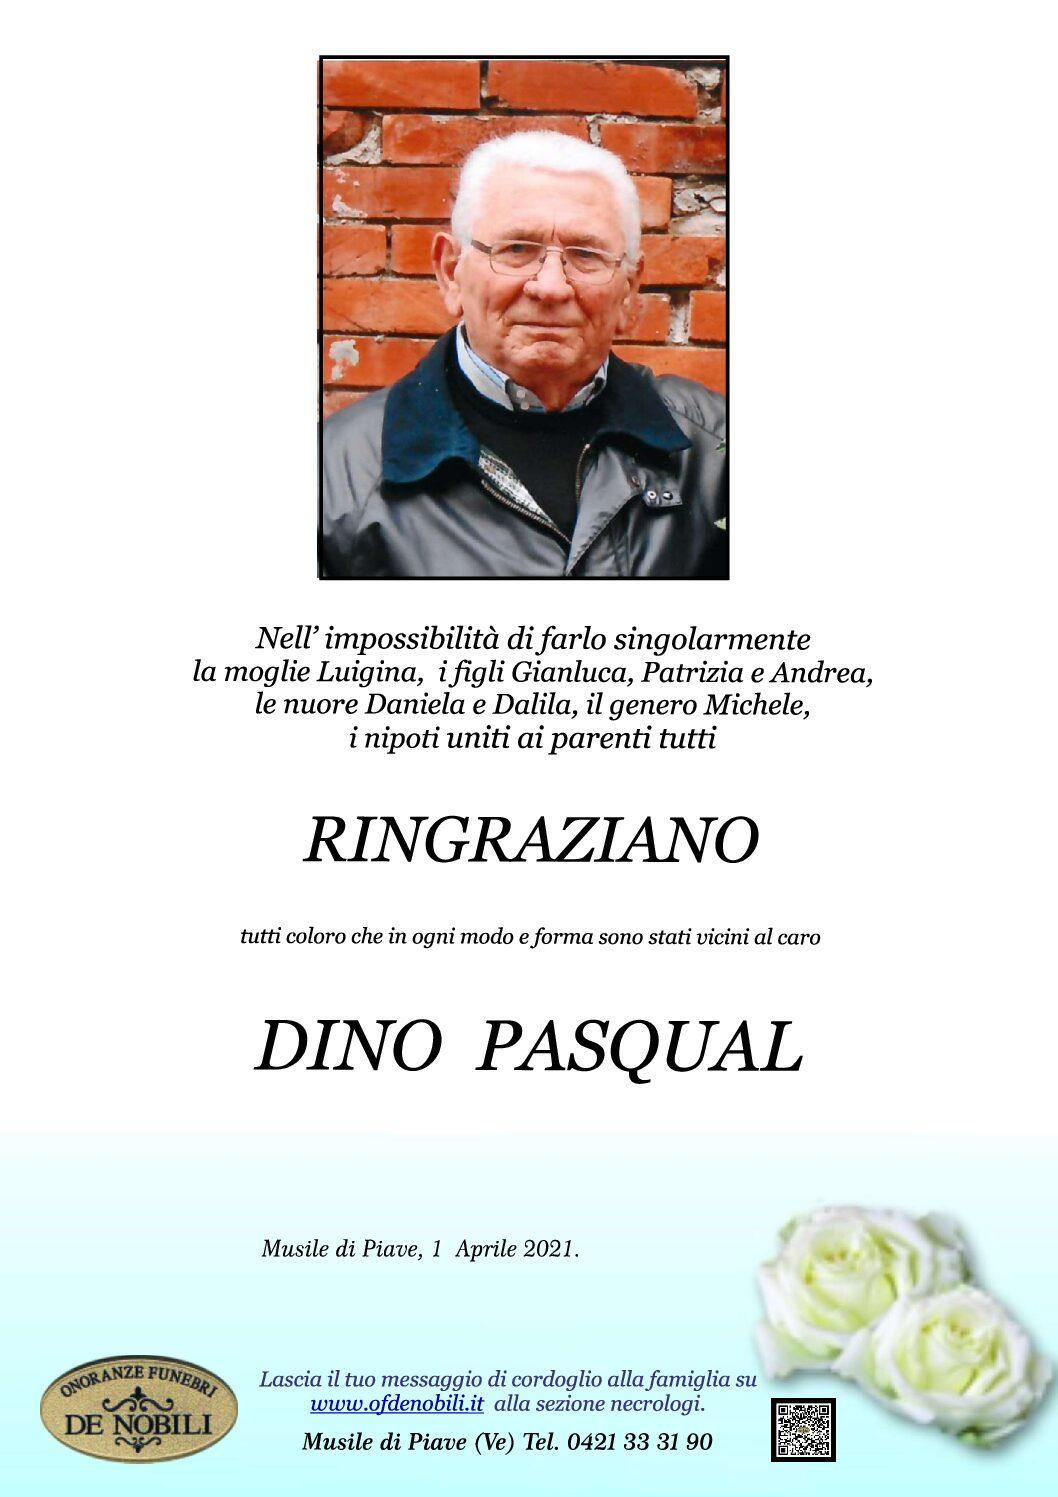 Dino Pasqual